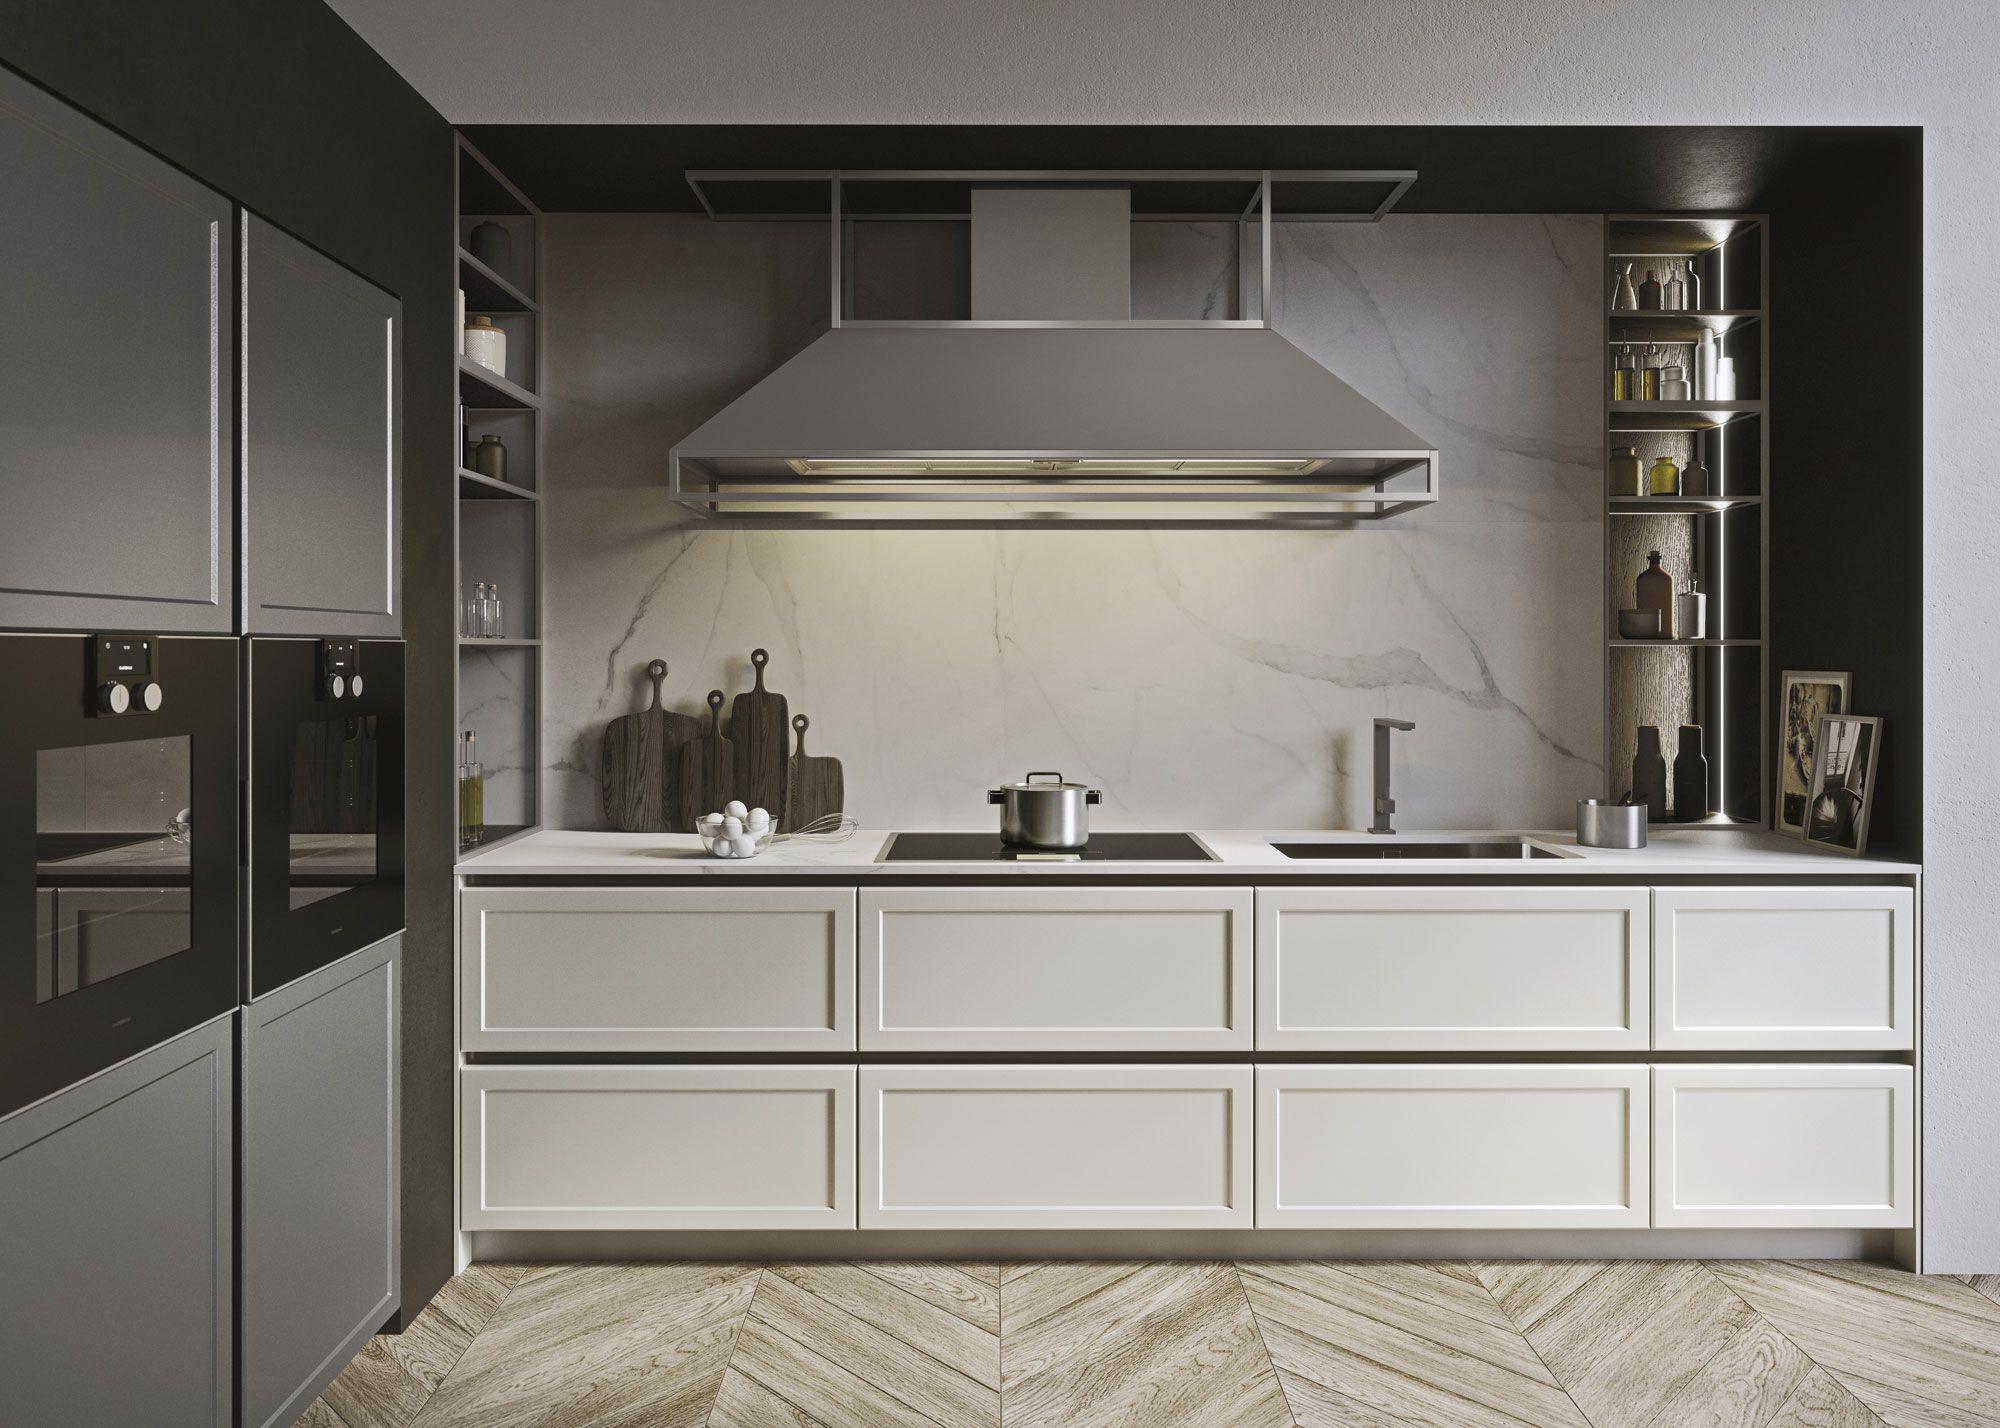 Cucine Snaidero Classiche.Cucine Classiche Con Isola Design Iosa Ghini Con Frame